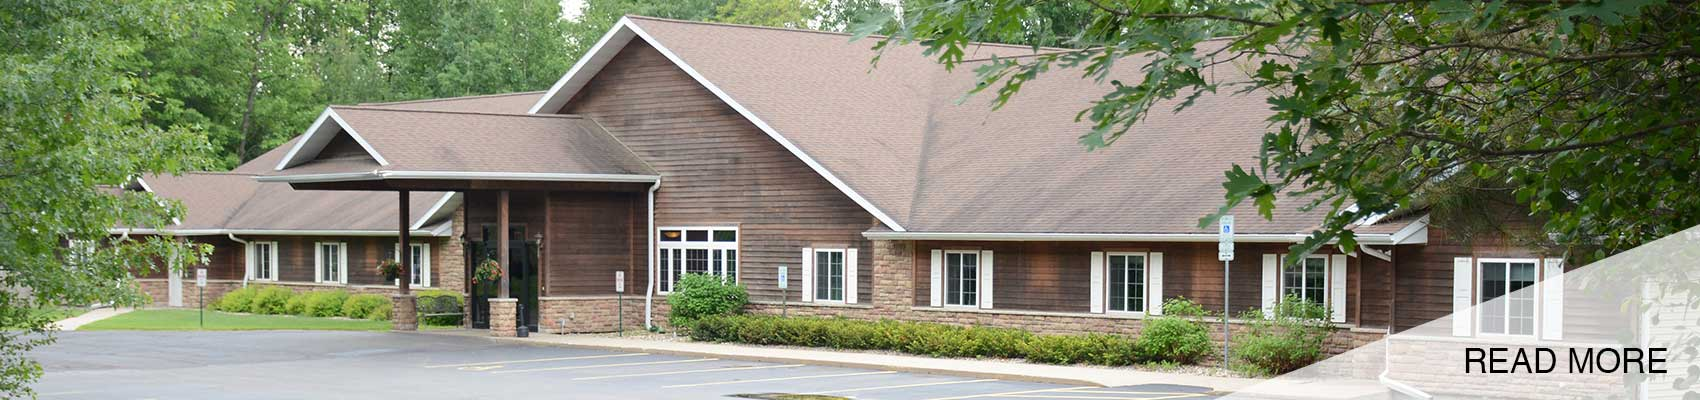 Copperleaf Senior Living   in Adams, WI